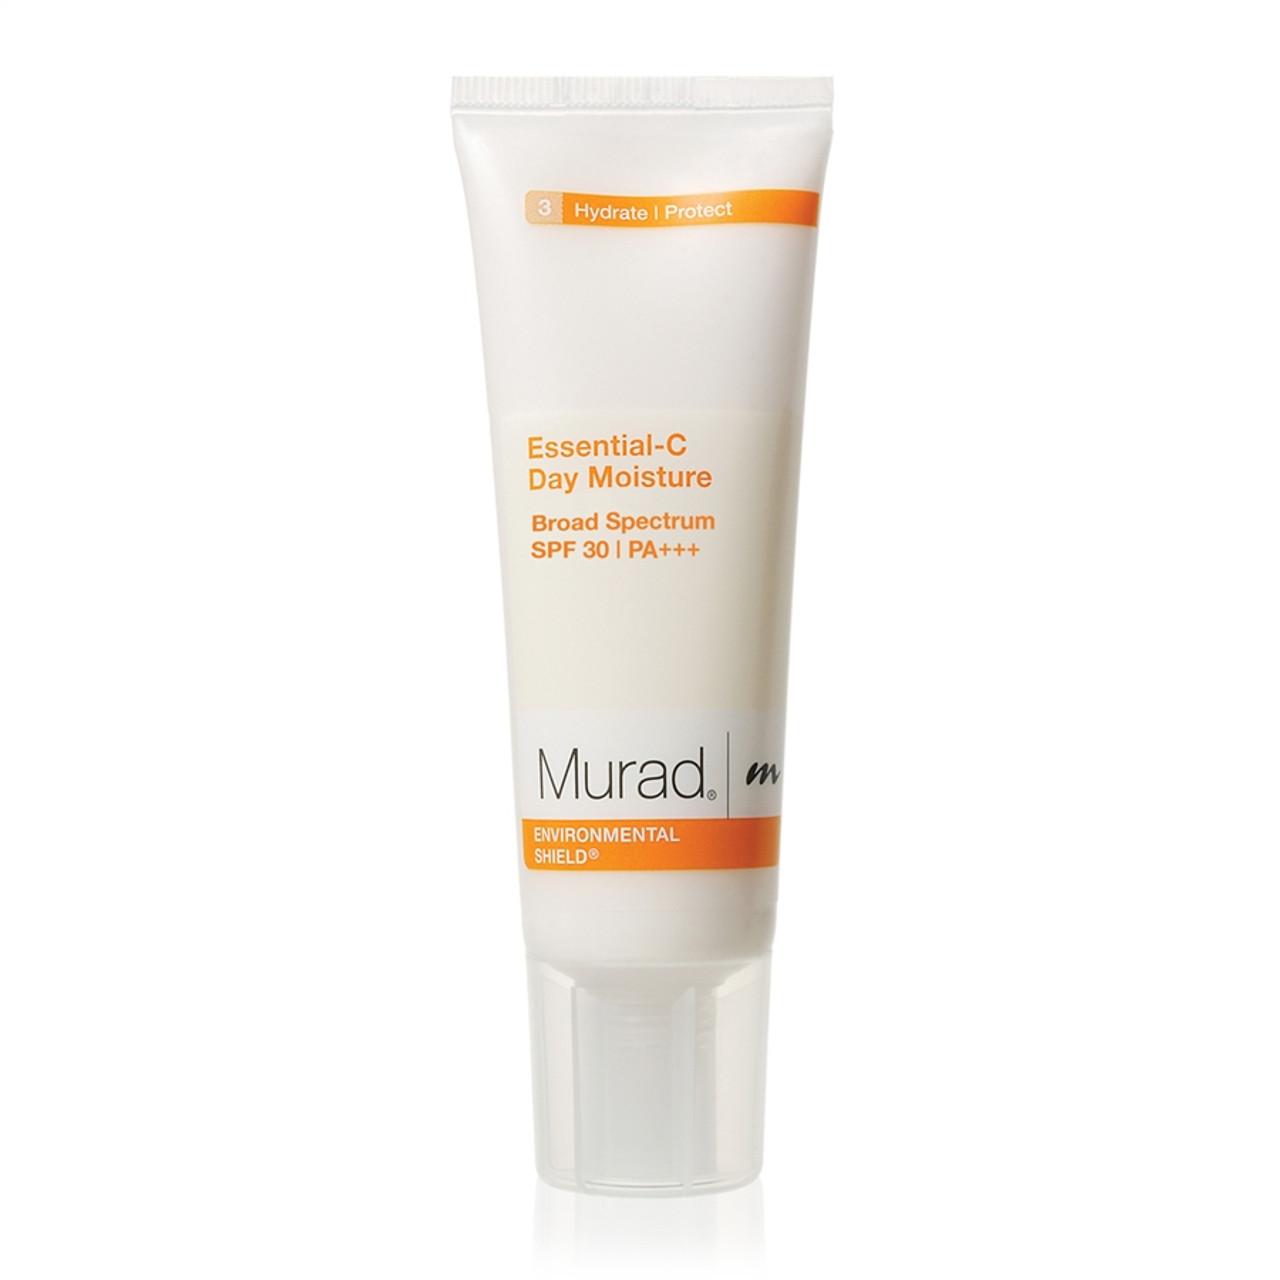 Murad Essential-C Day Moisture 1.7 oz